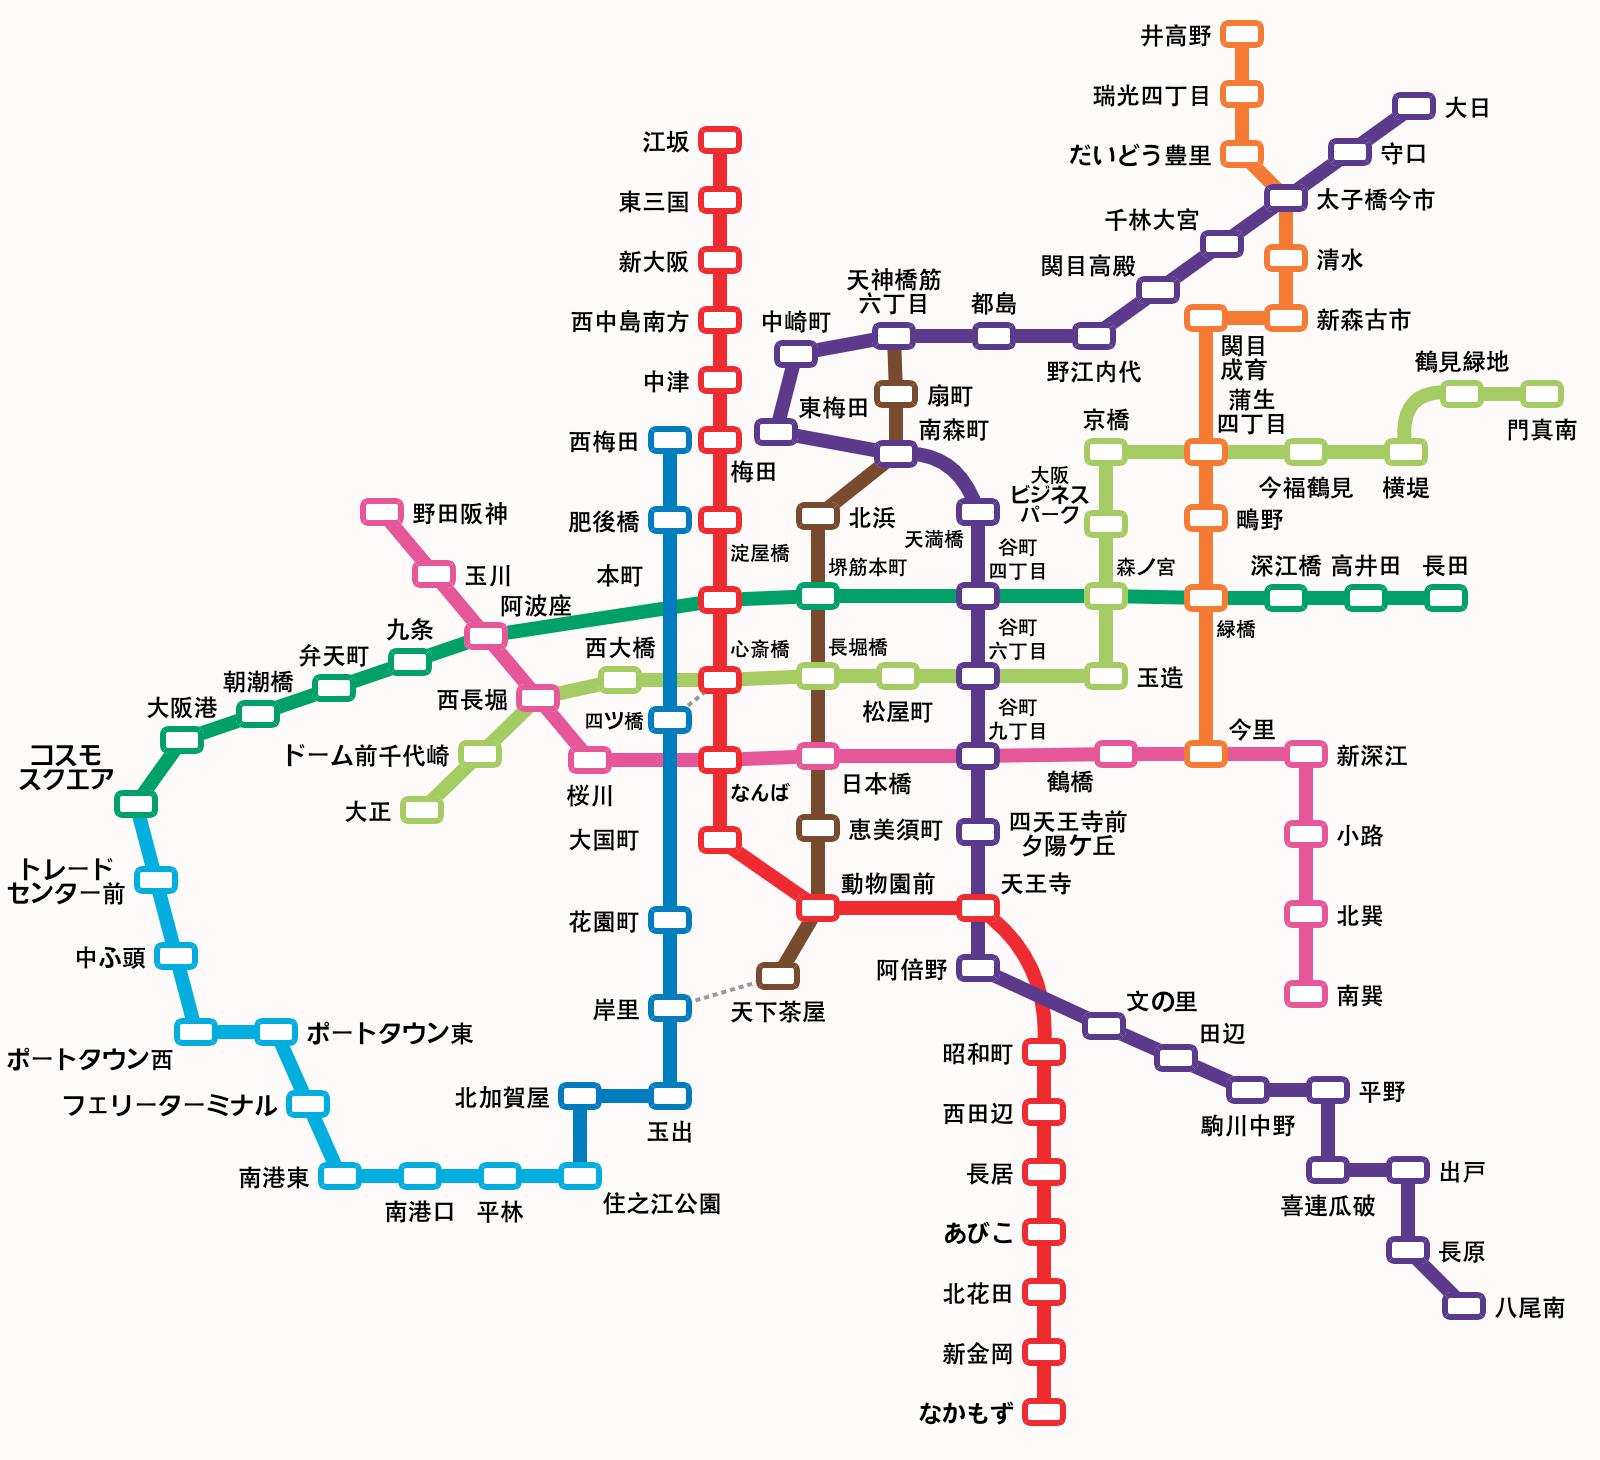 路線 大阪 図 メトロ